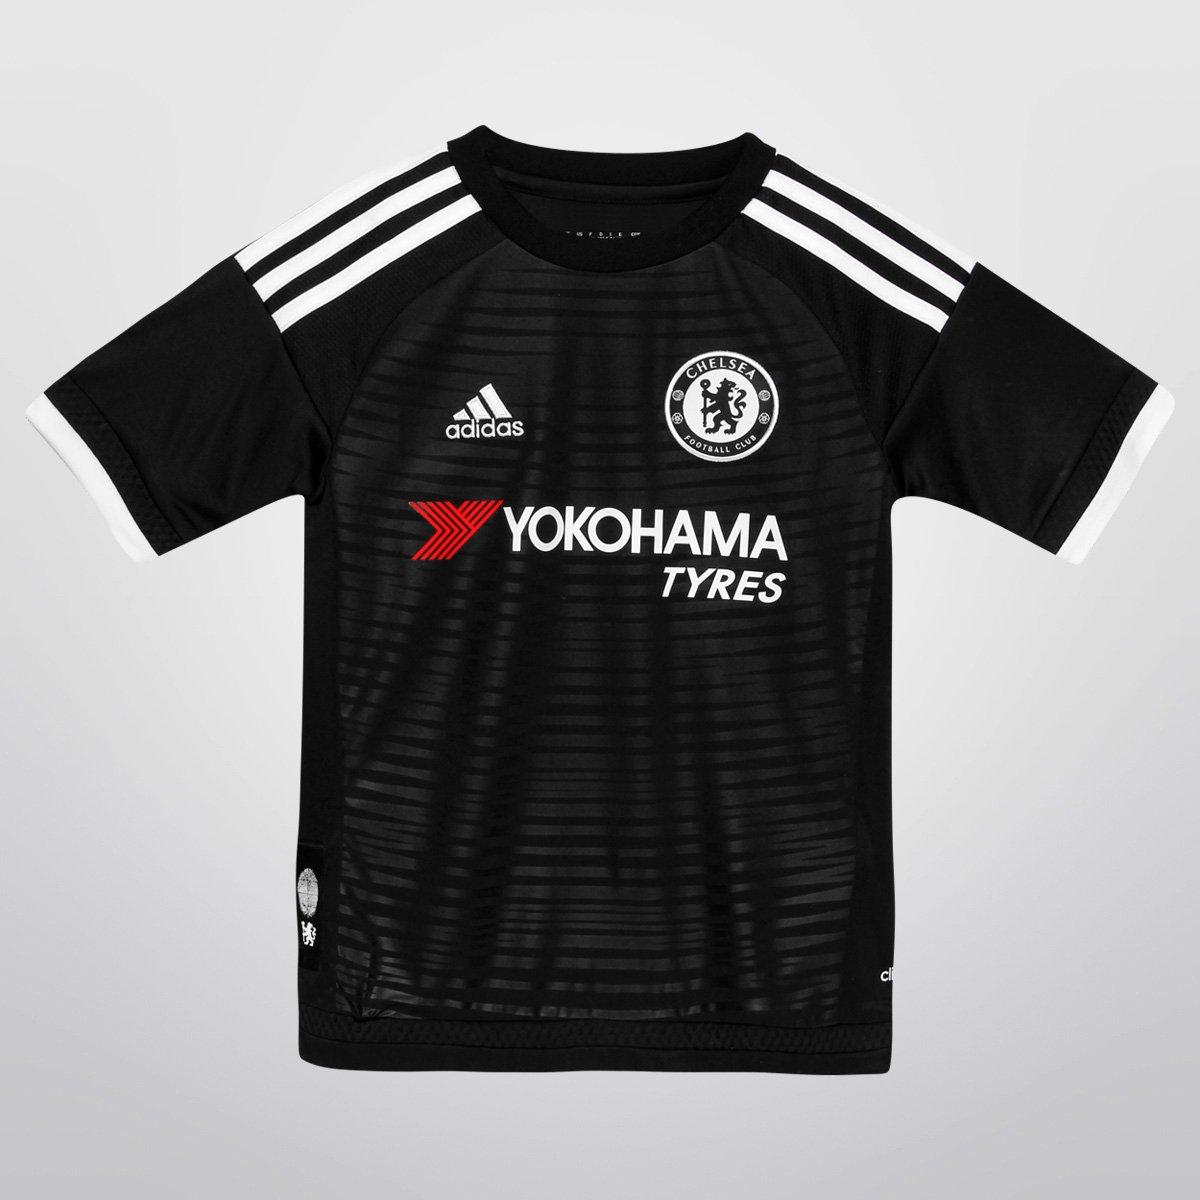 5ca7d2b4eeb44 Camisa Adidas Chelsea Third 15 16 s nº Infantil - Compre Agora ...